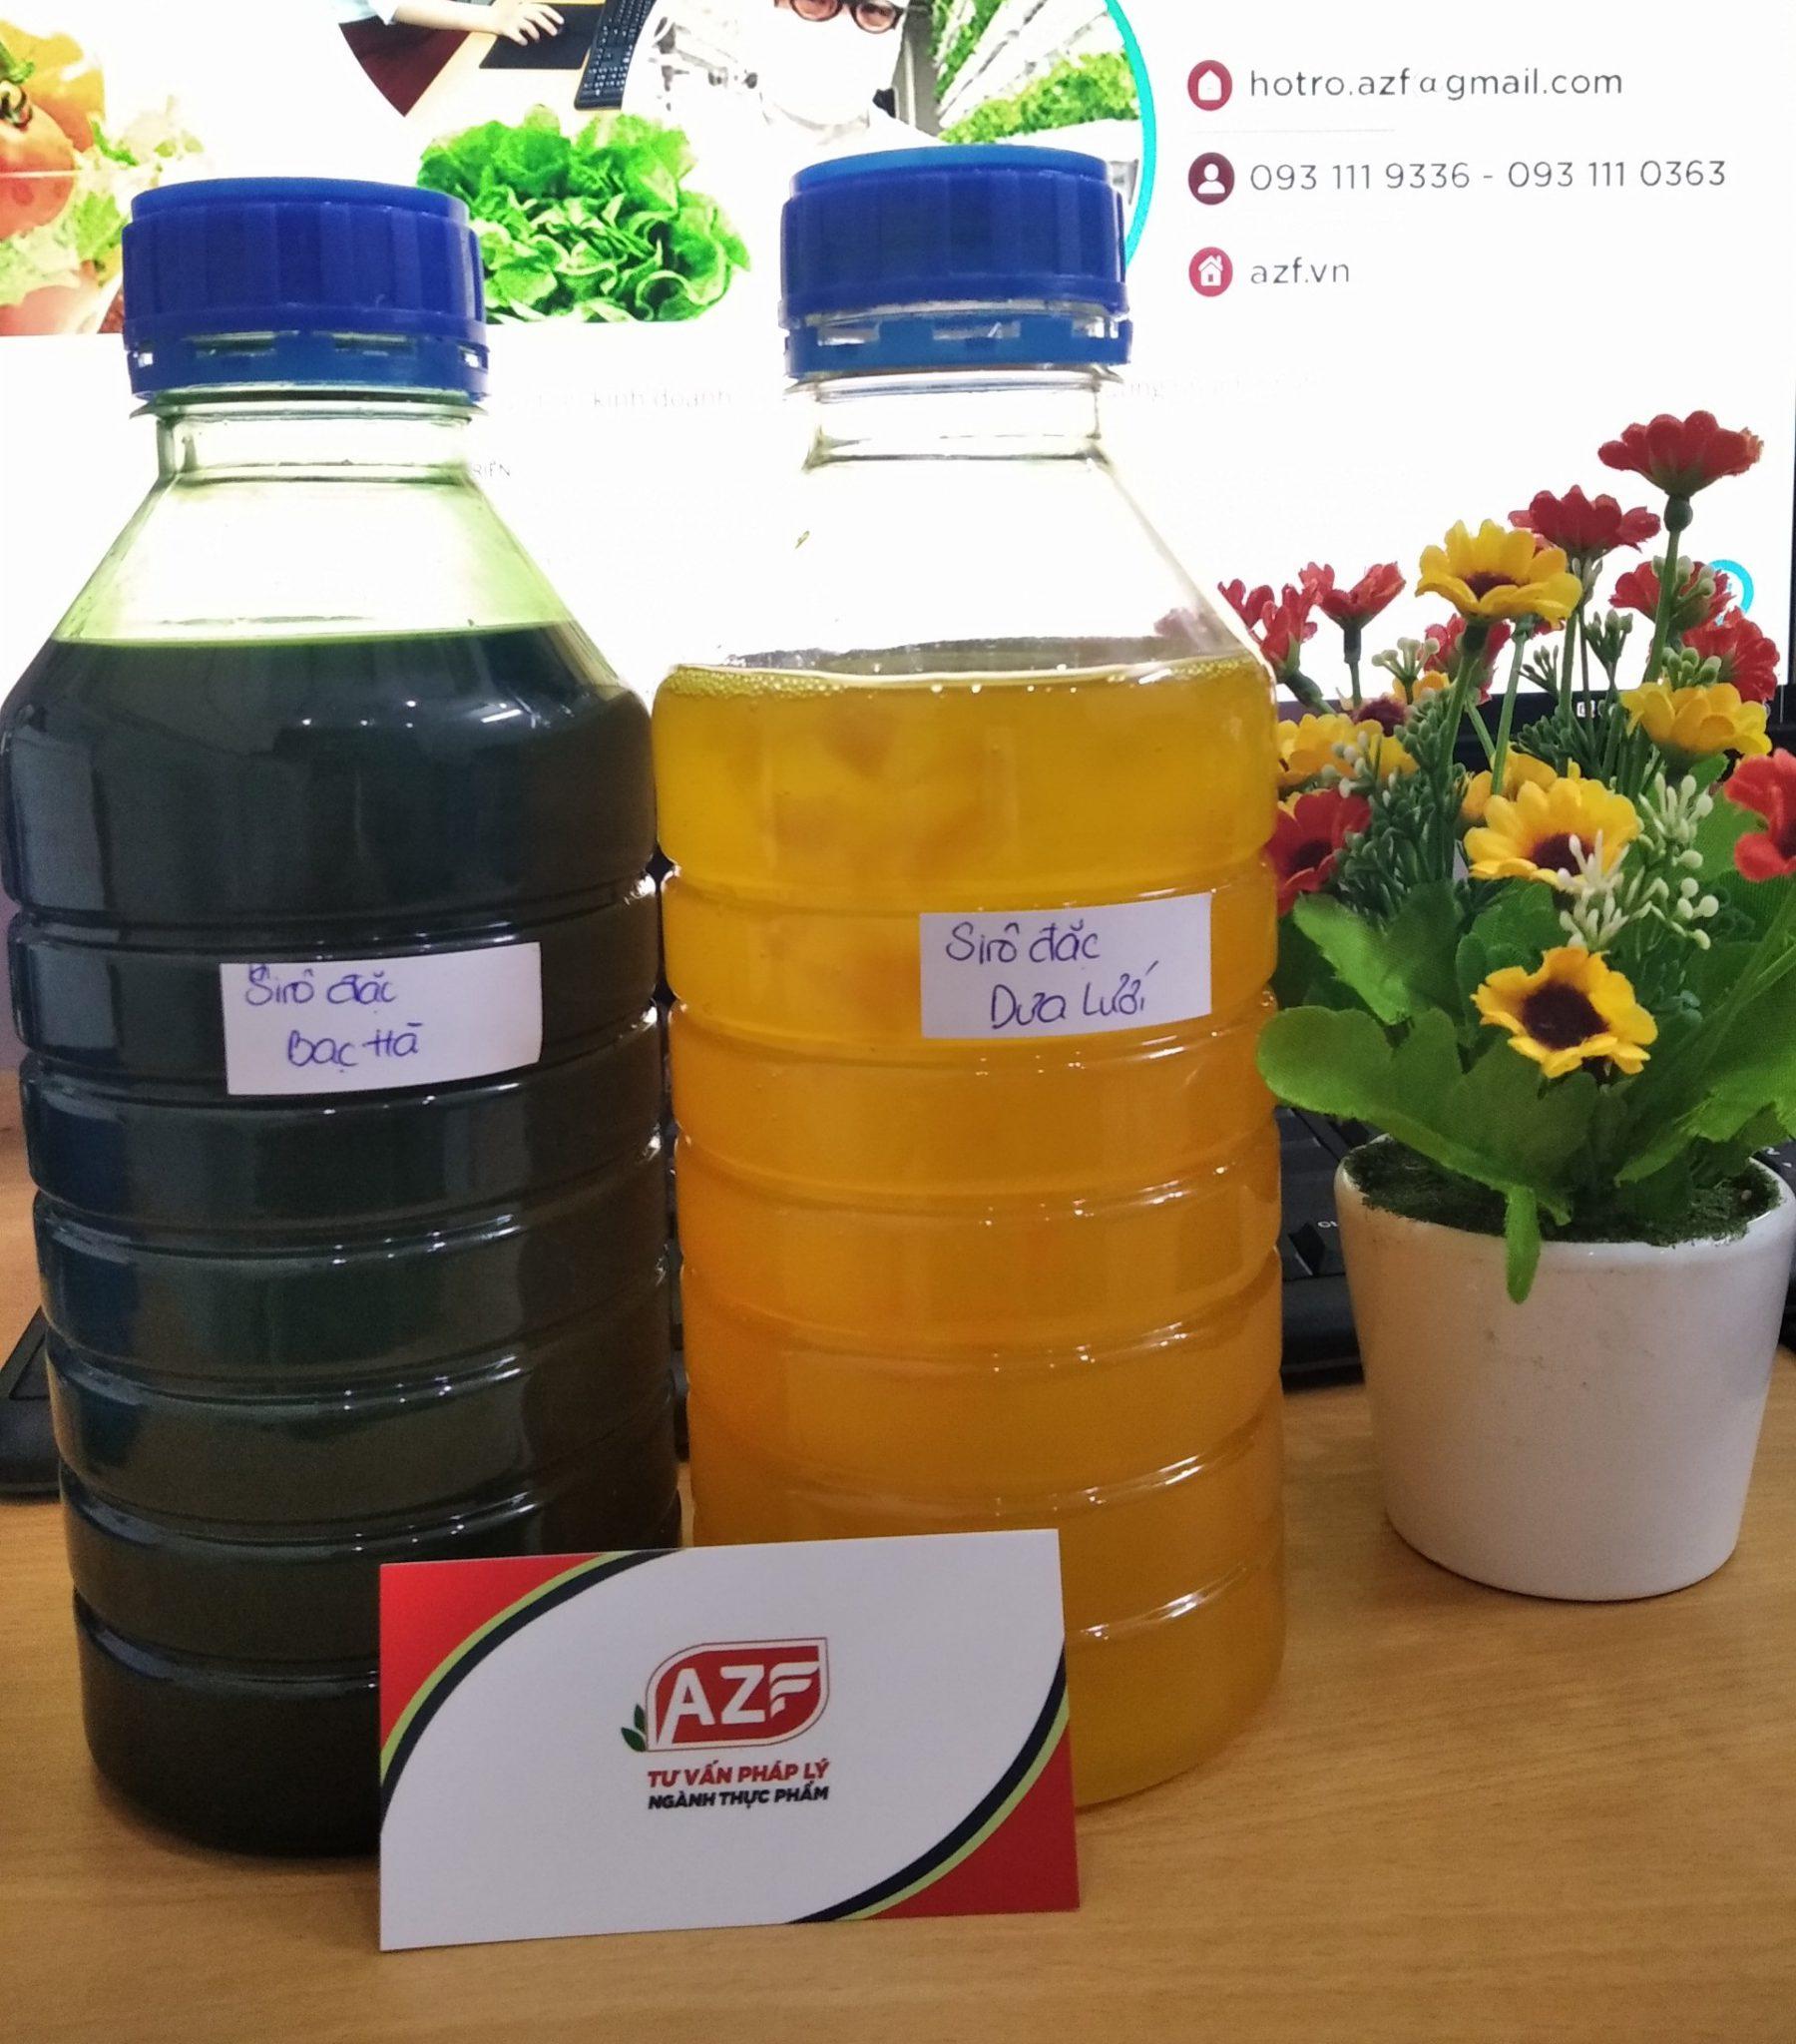 Tự Công bố sản phẩm Si rô (syrup) - 093 111 9336